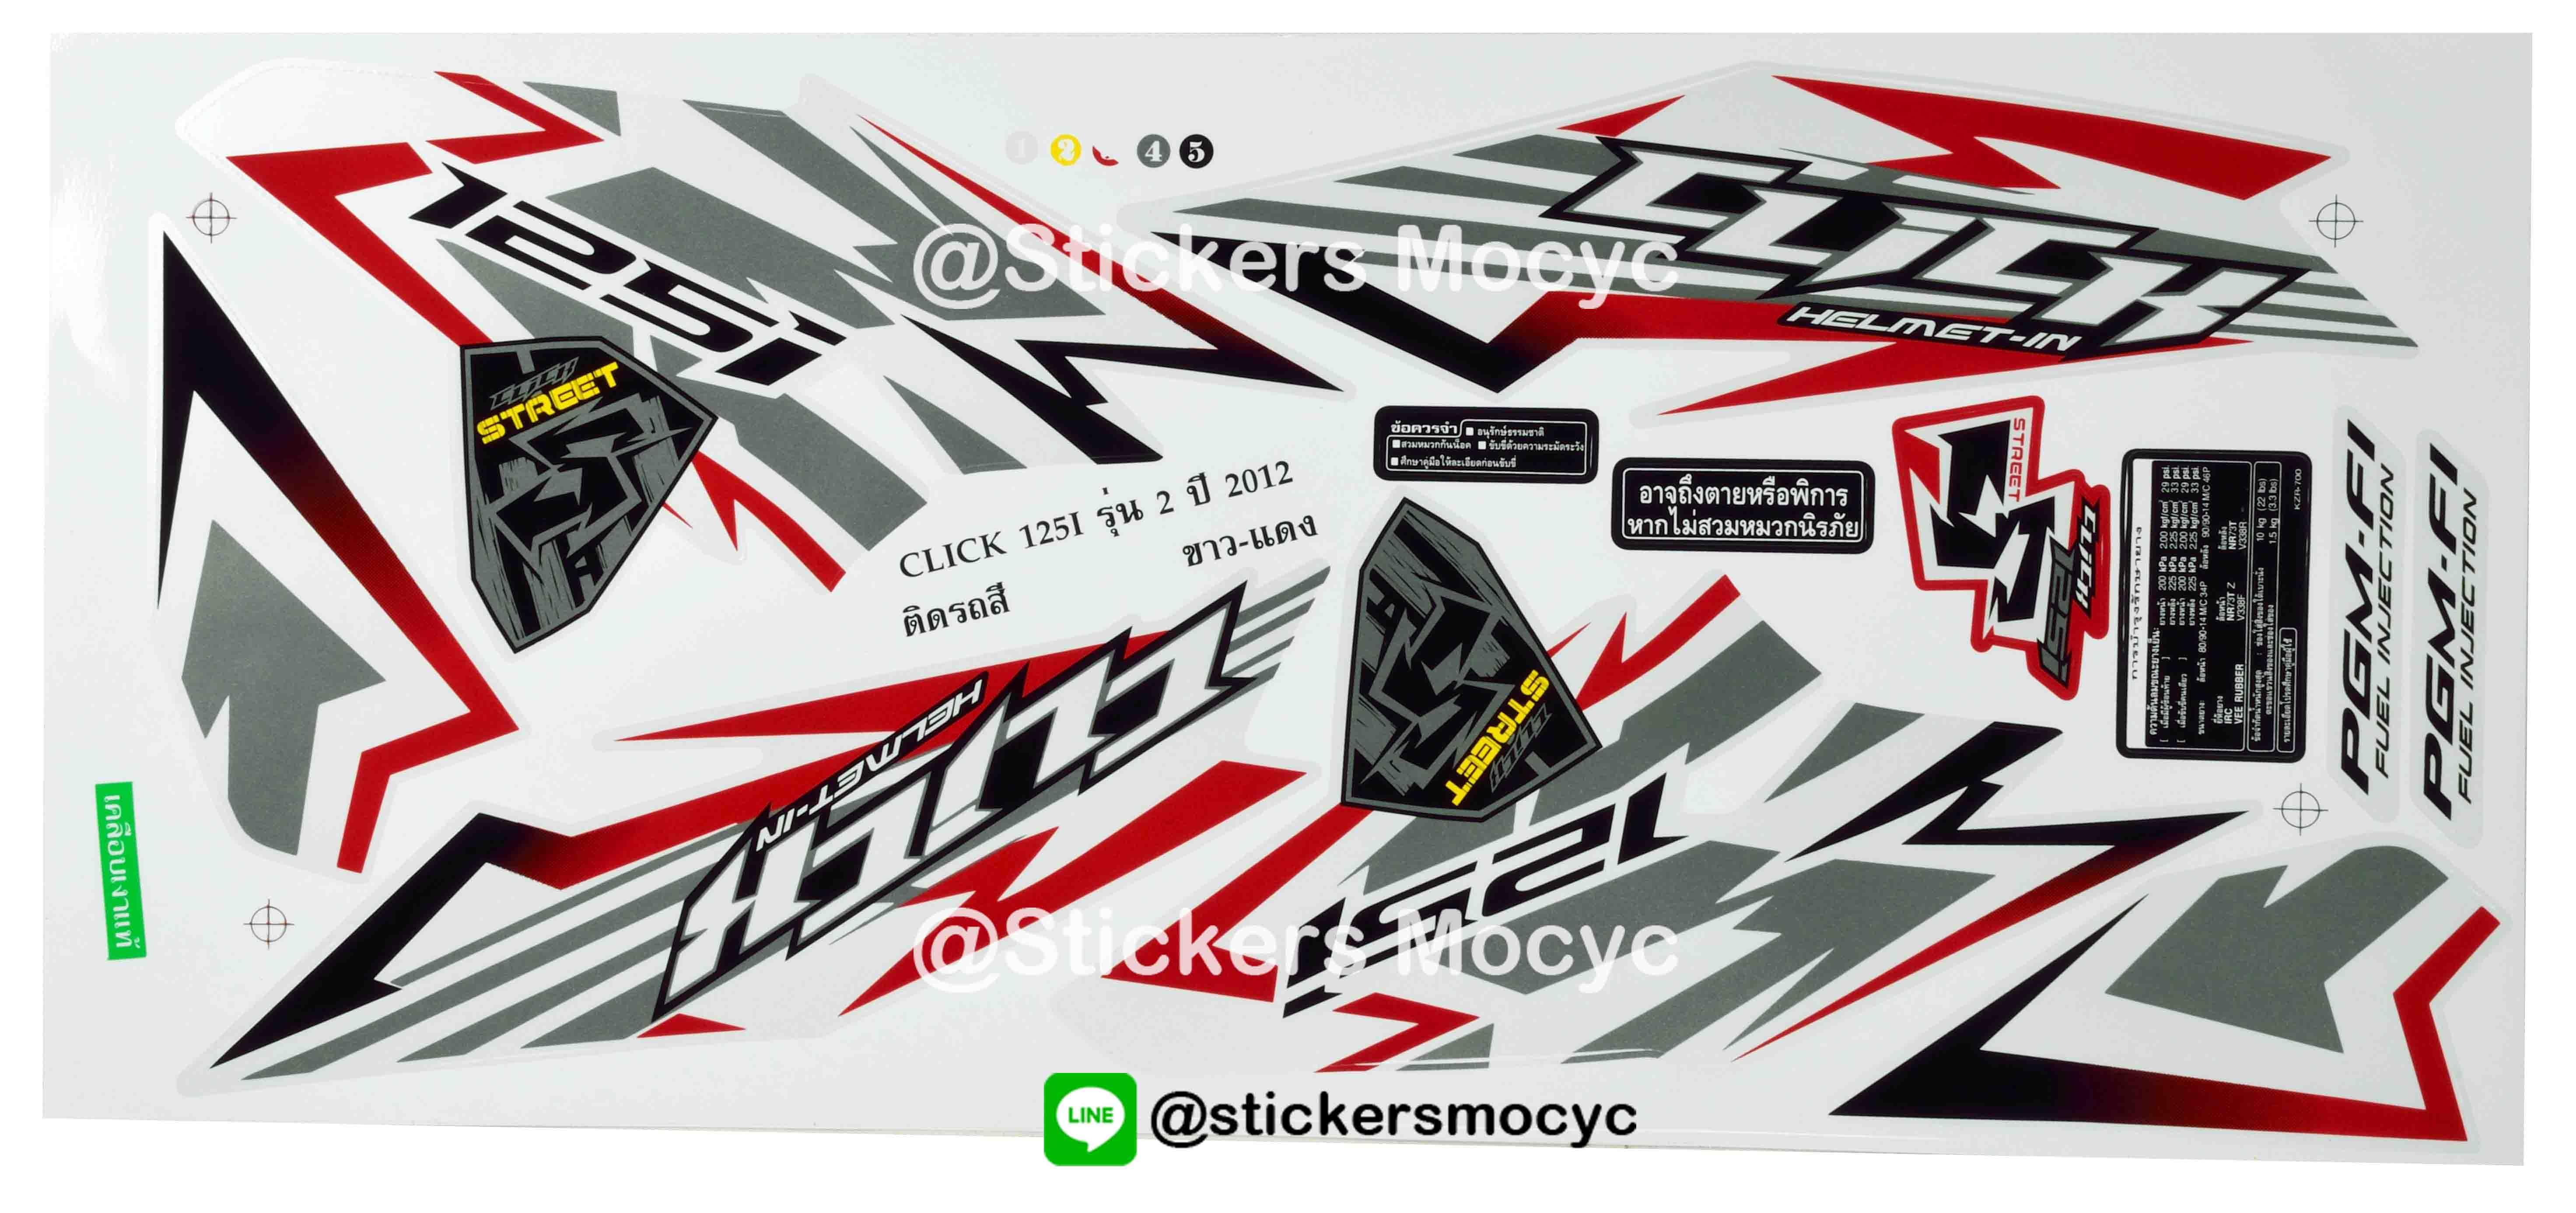 สติ๊กเกอร์ click 125i sticker click 125i แต่ง ปี 2012 รุ่น 2 ติดรถ สีขาว แดง (เคลือบเงา)